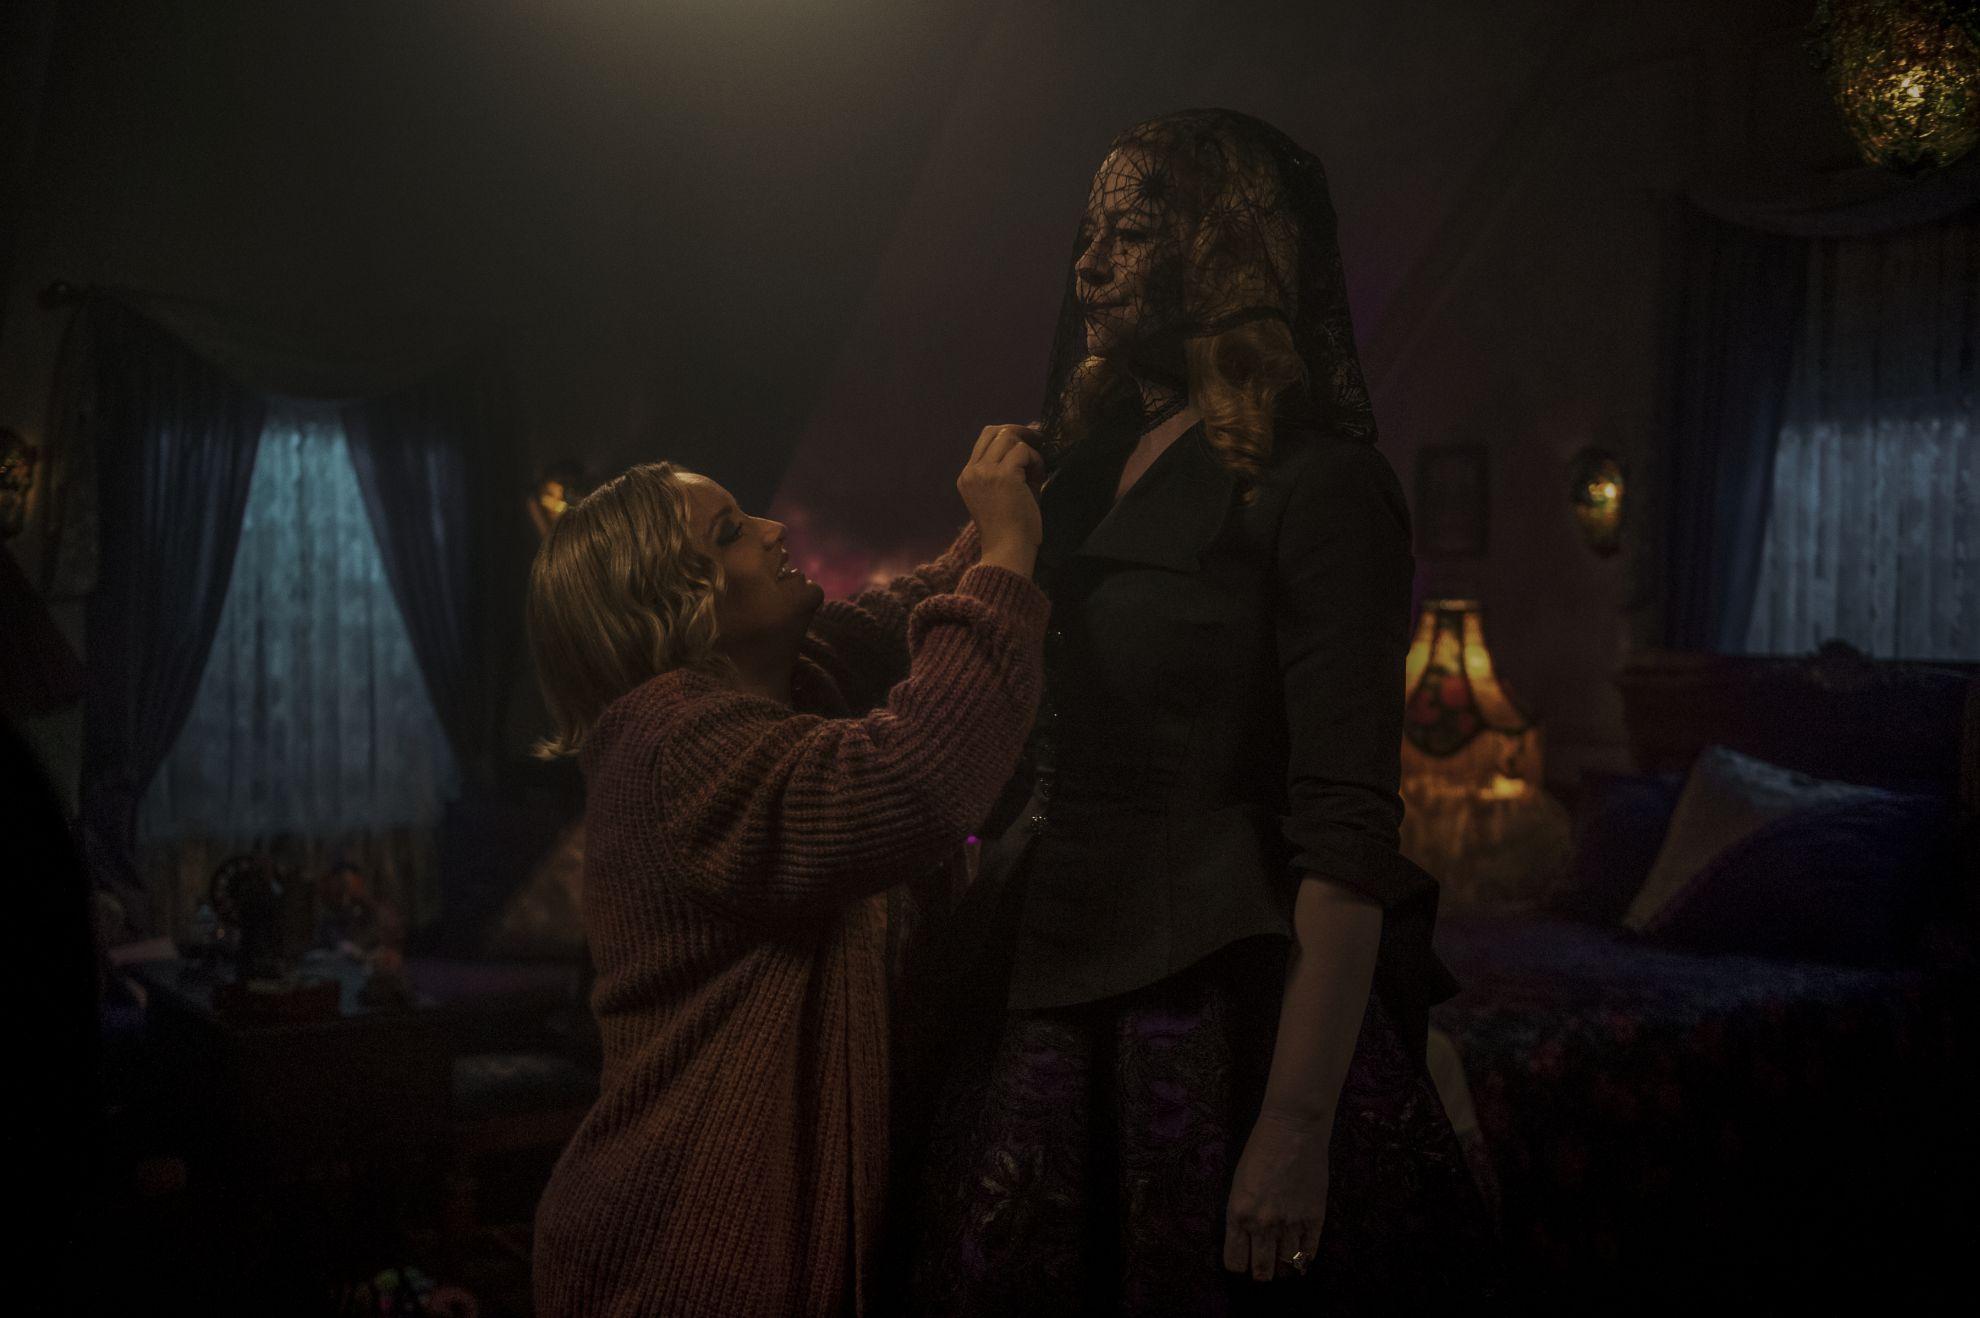 Le terrificanti avventure di Sabrina: Miranda Otto e Lucy Davis in una scena della seconda stagione